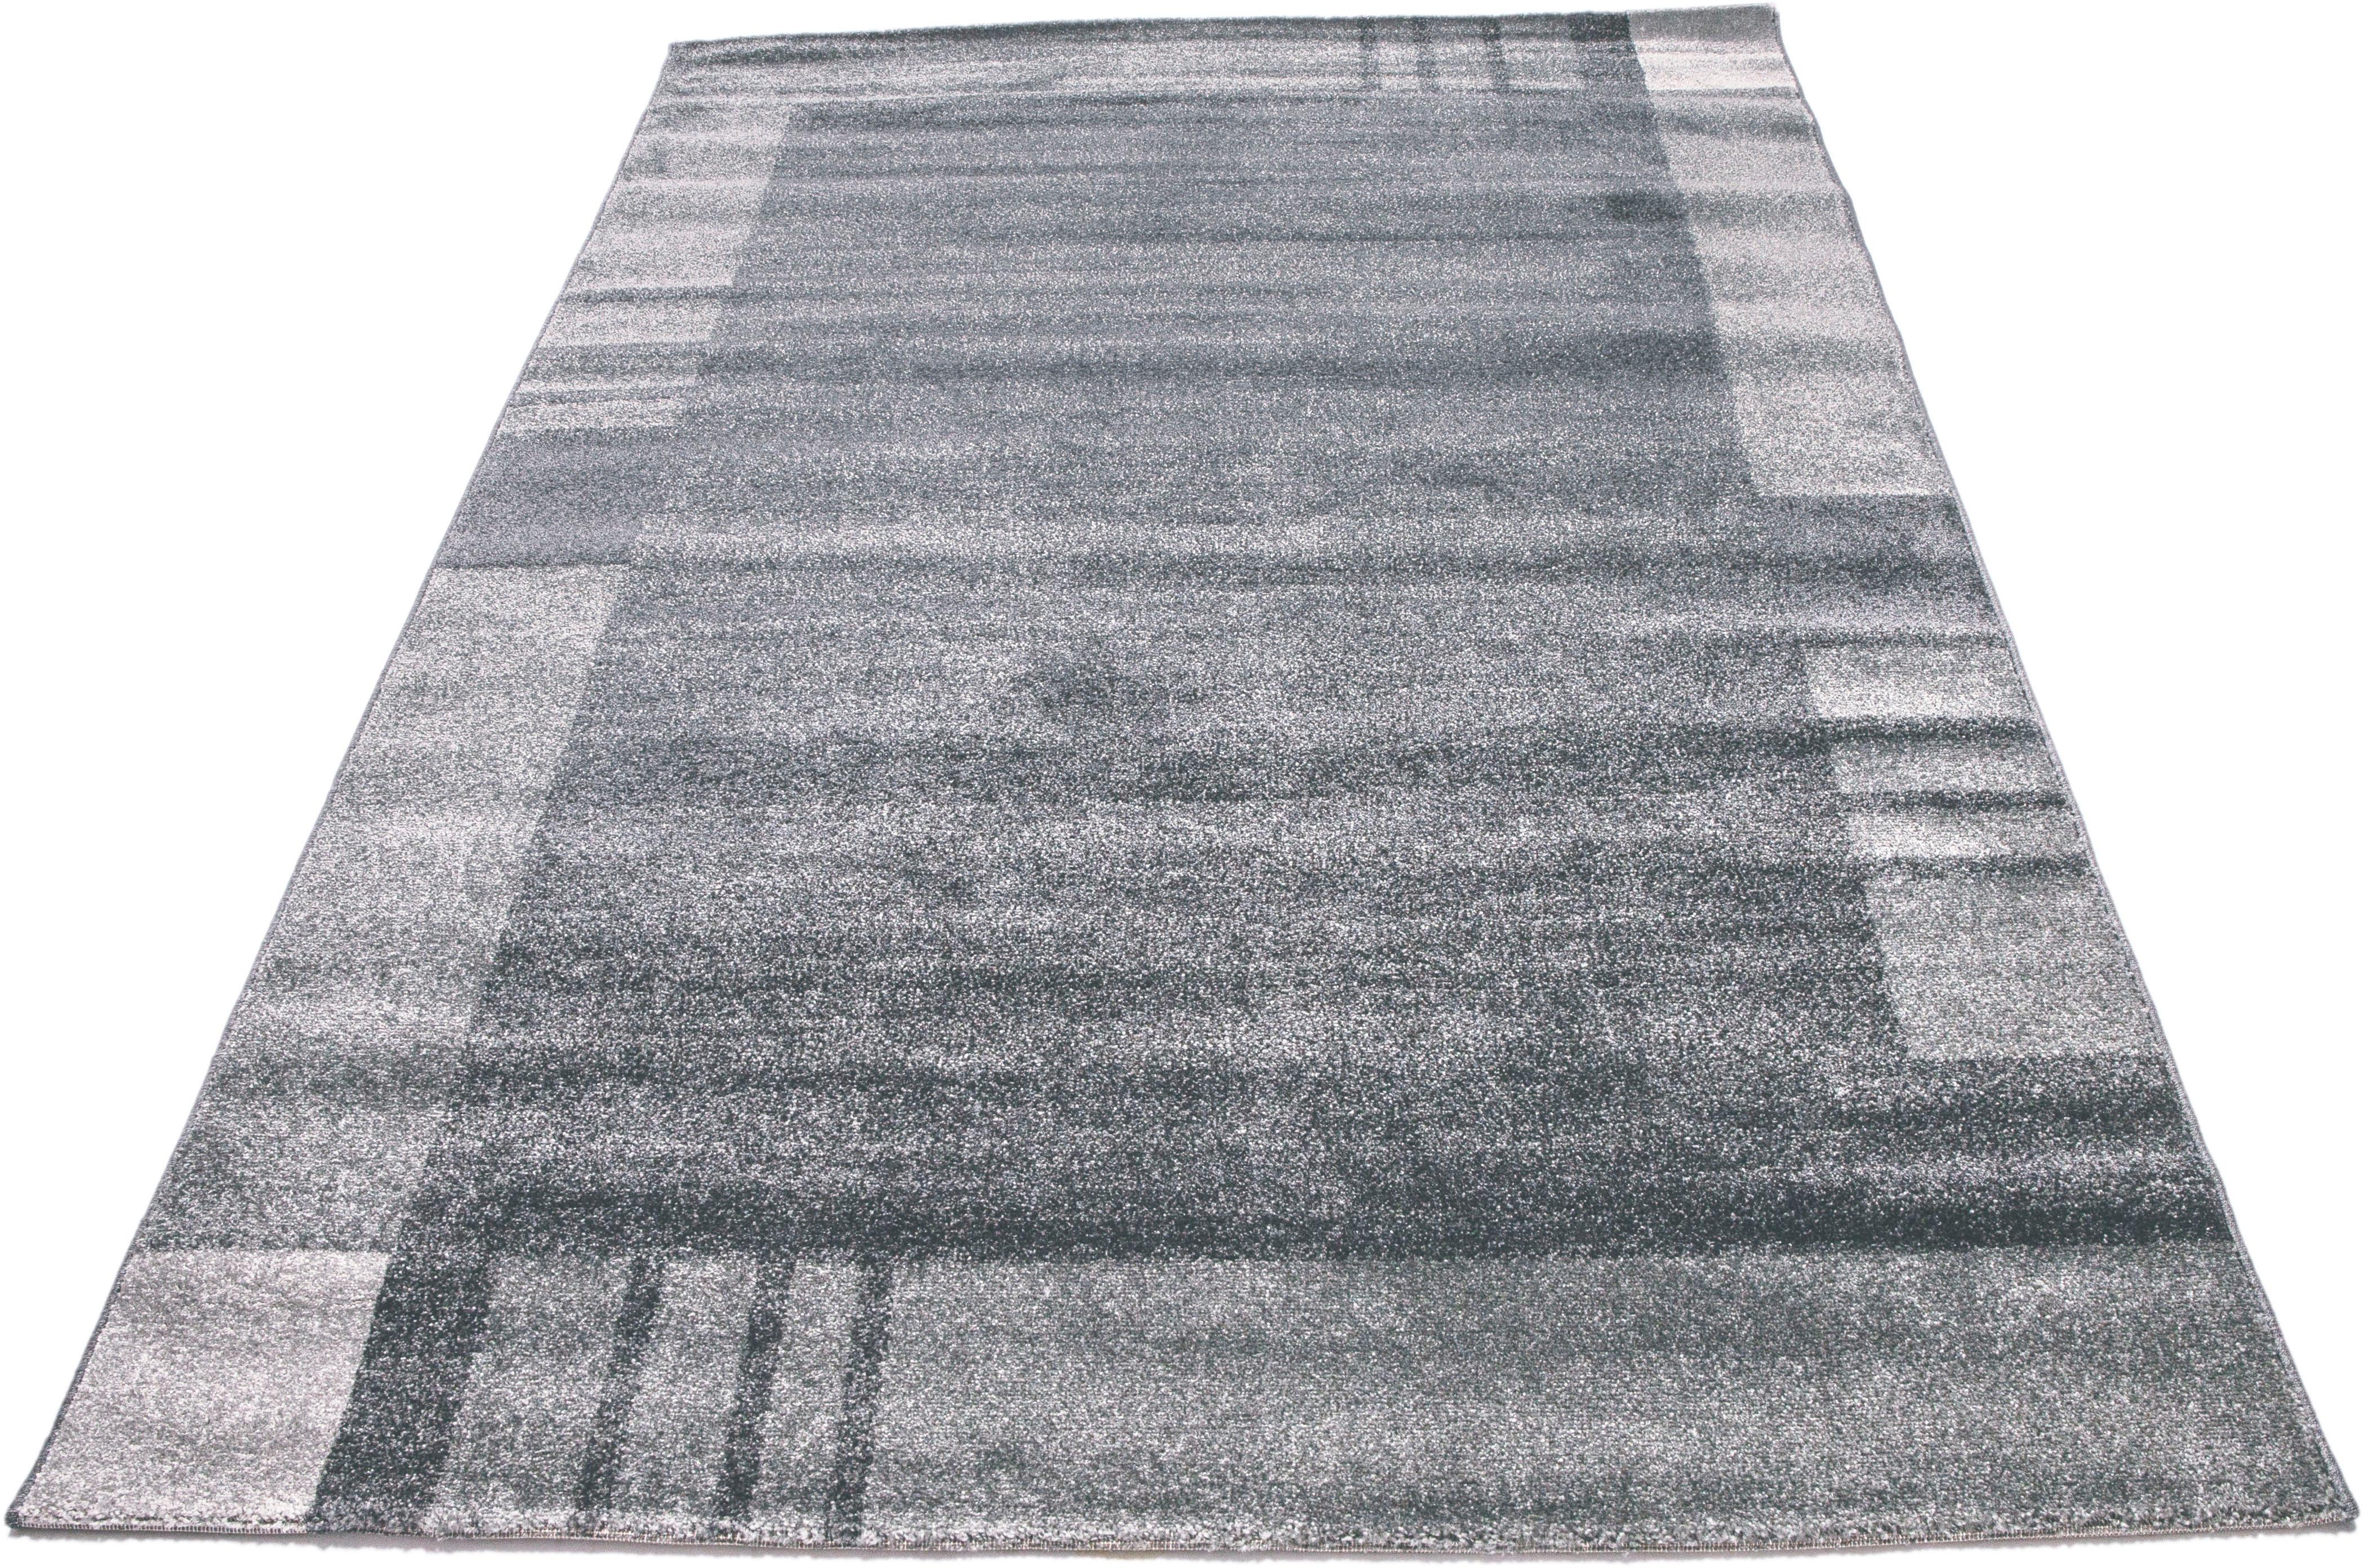 Teppich Sant Jordi Andiamo rechteckig Höhe 7 mm maschinell gewebt